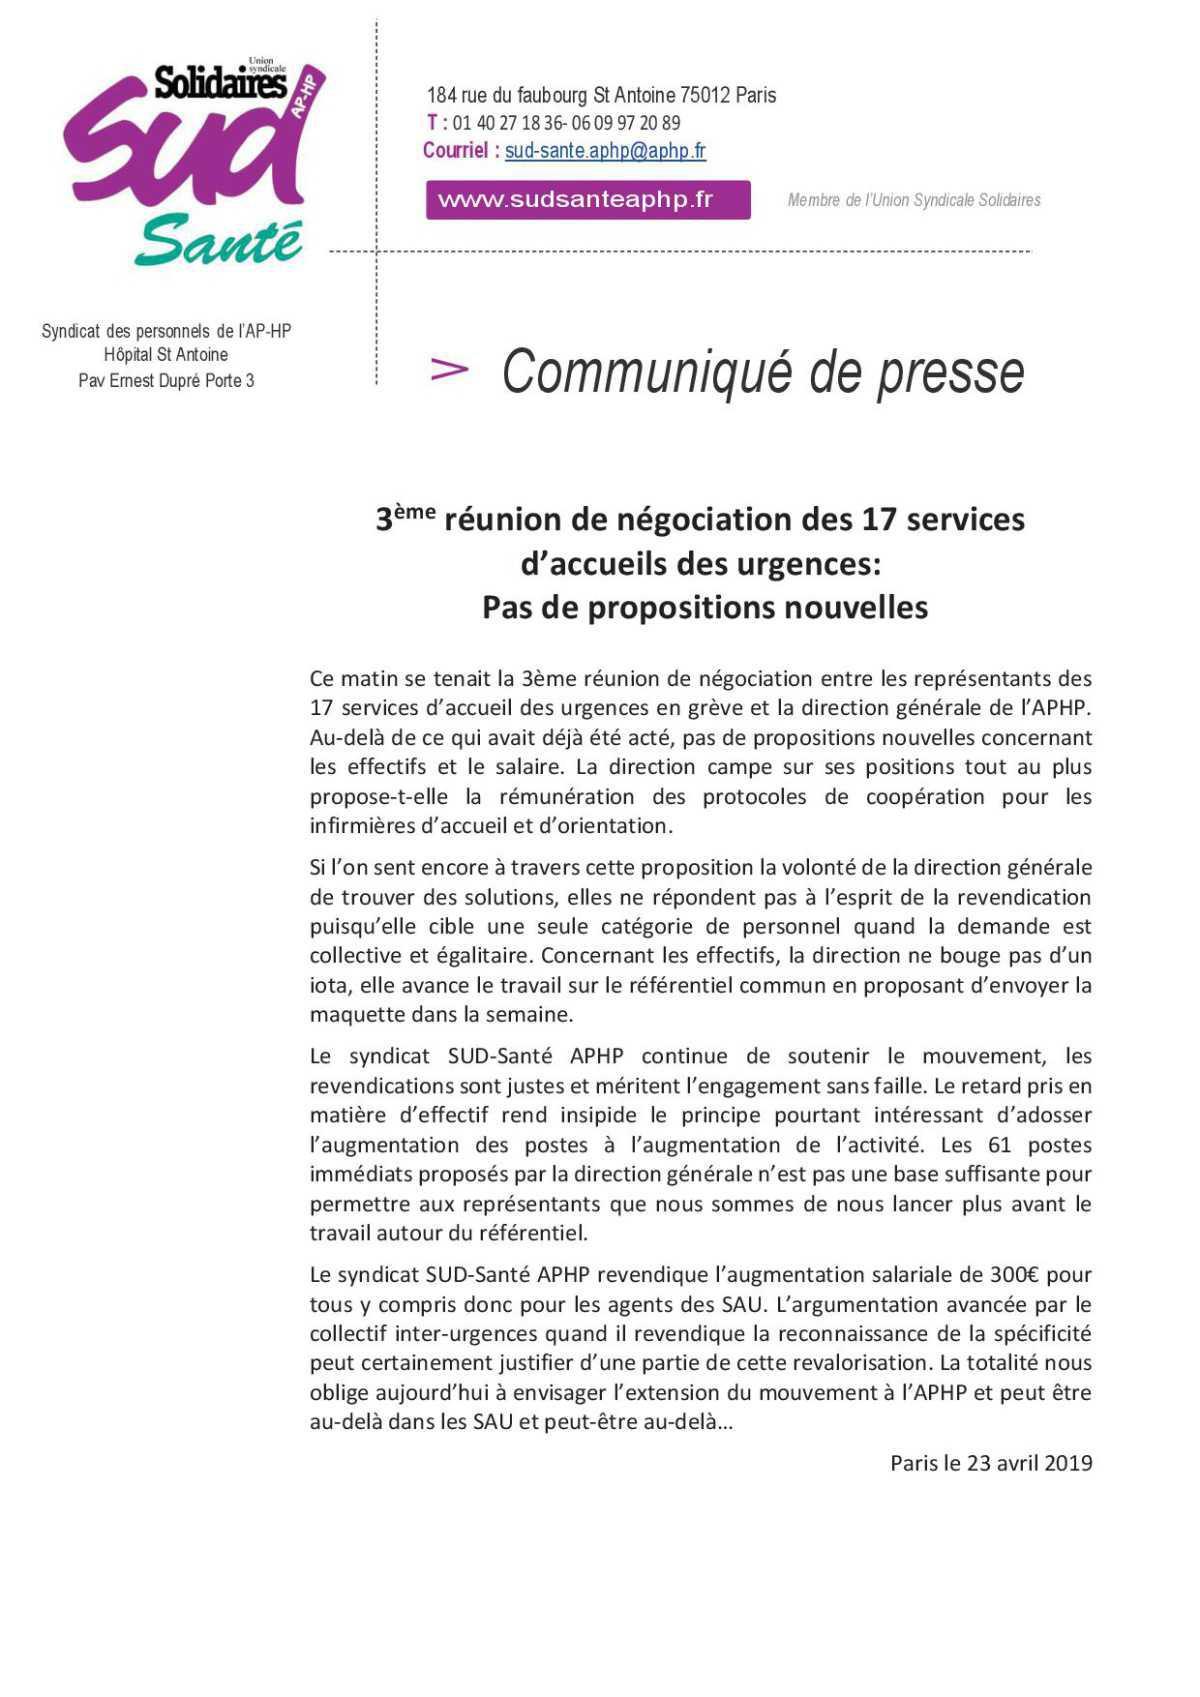 3e négociation et pas de nouvelle proposition